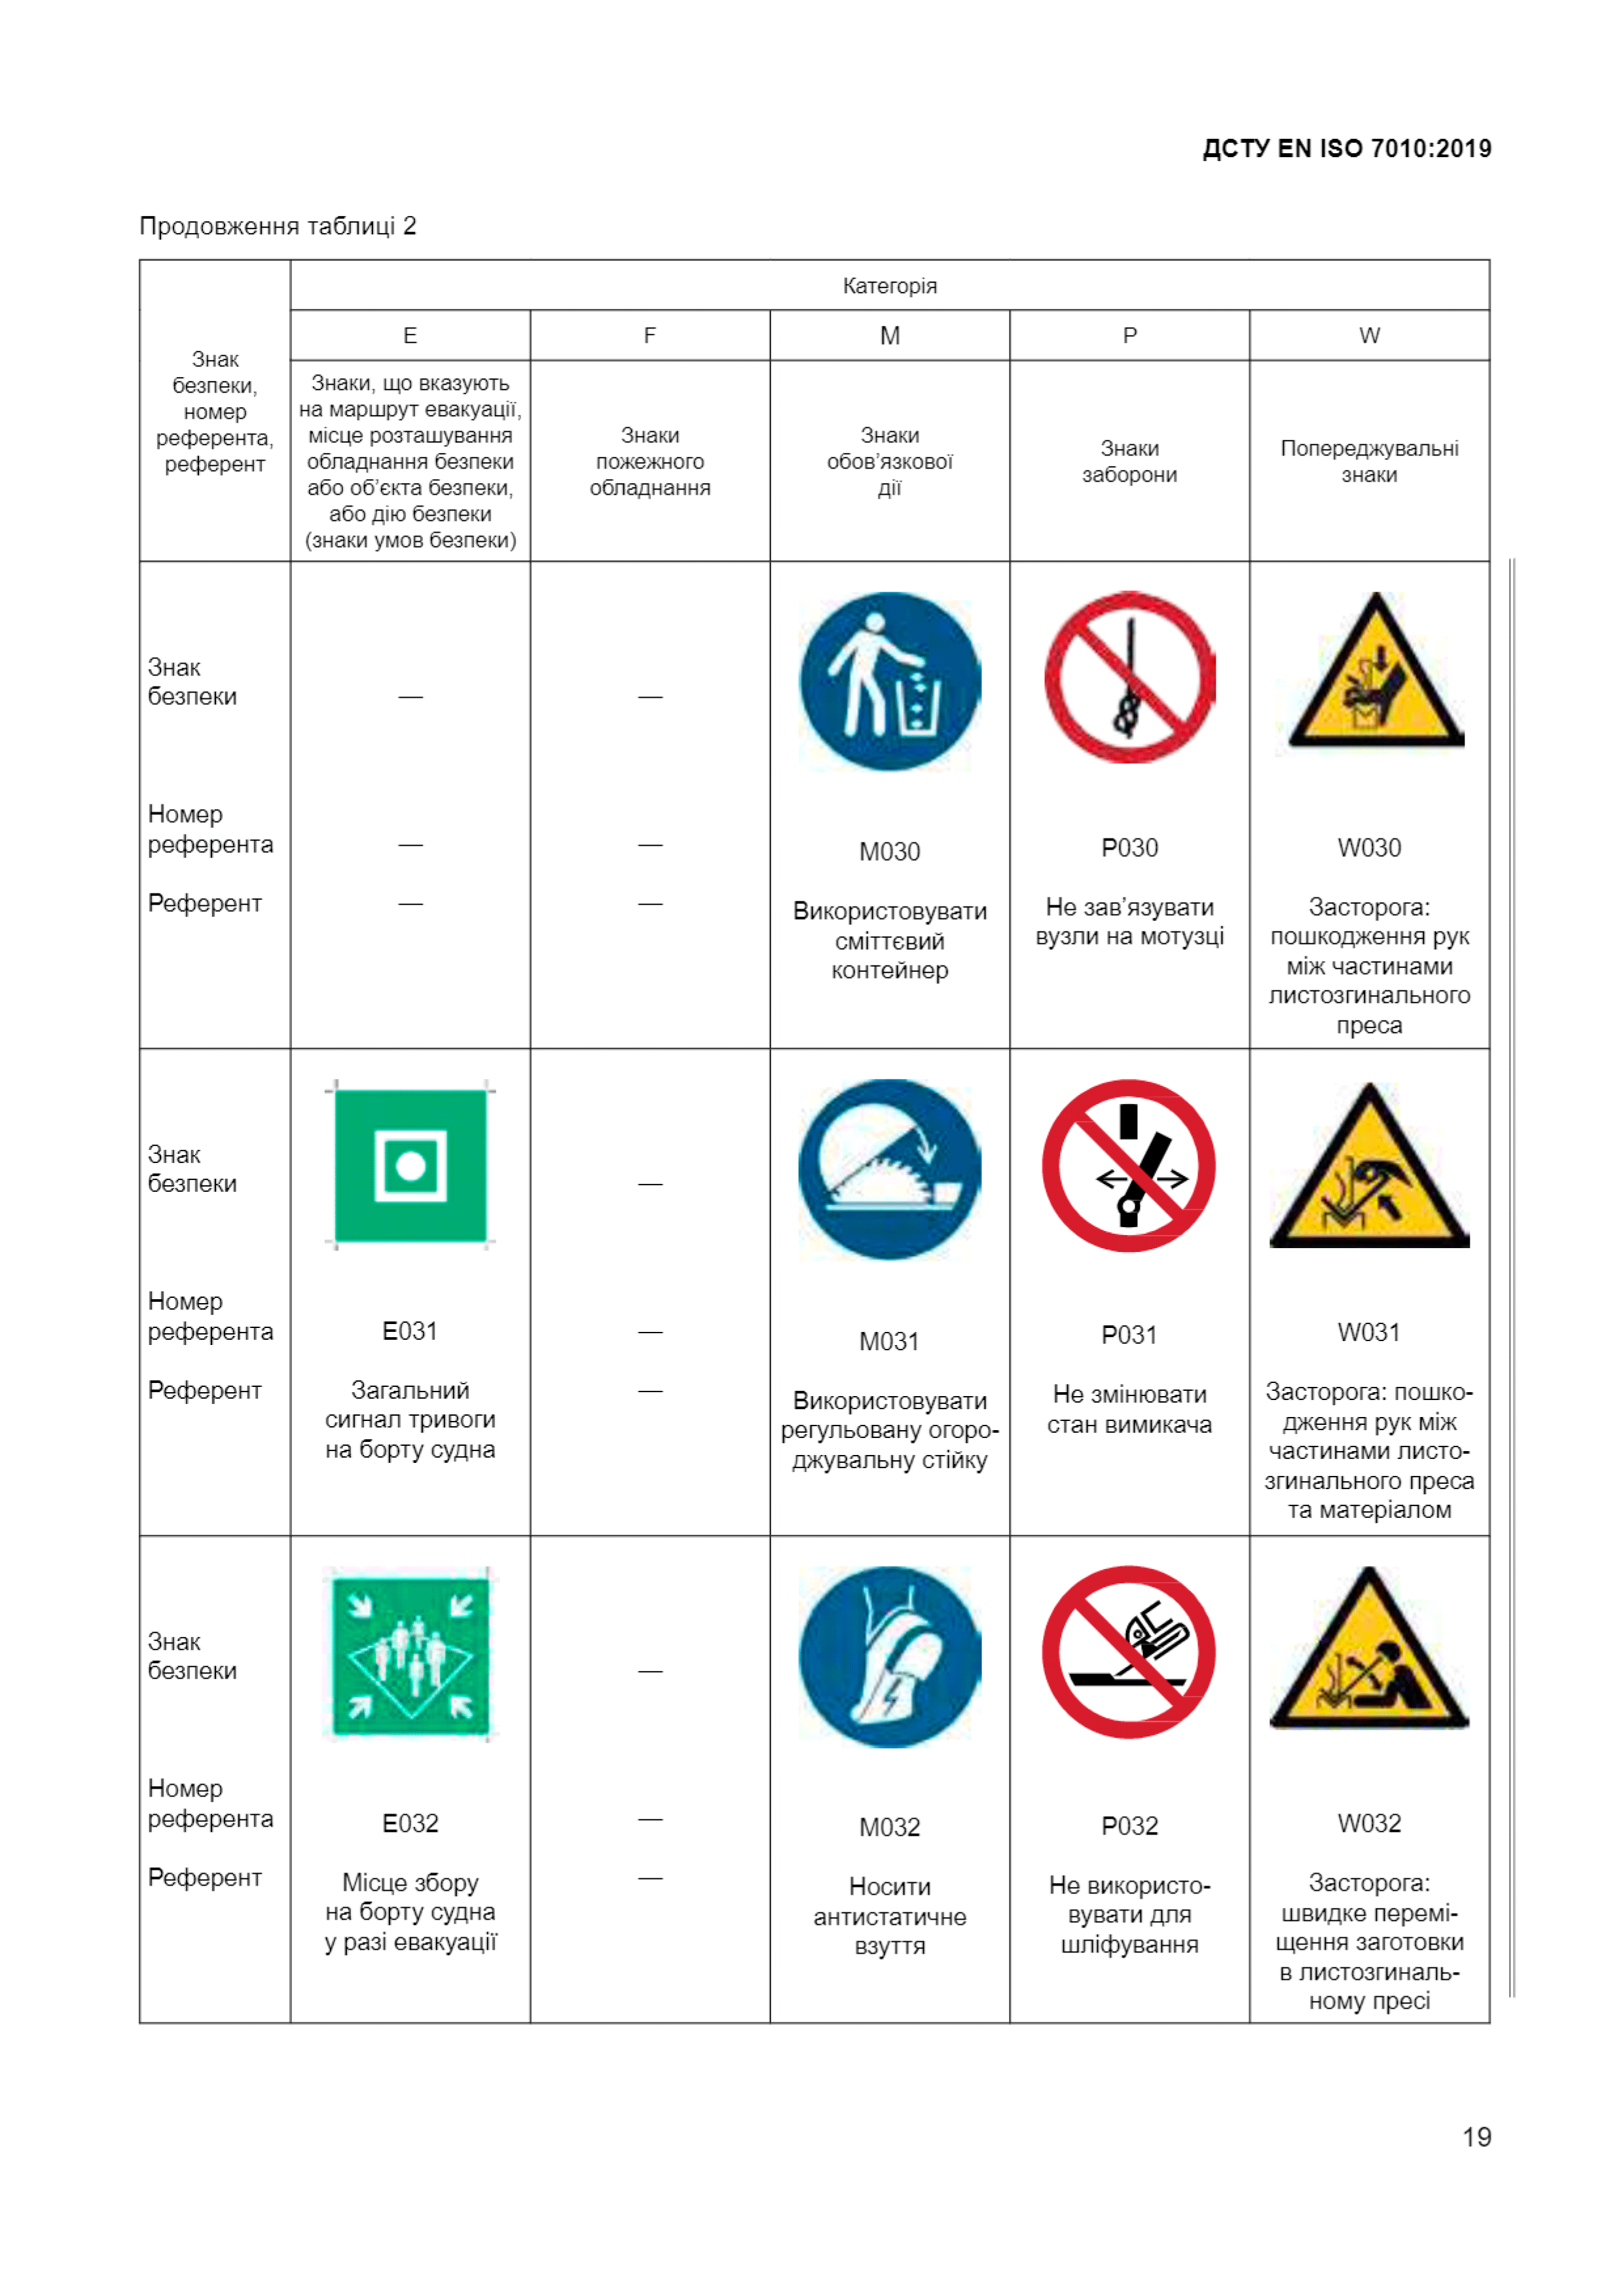 Звід усіх знакків безпеки ДСТУ ЕN ІSО 7010:2019-Техноспектр-Сервіс